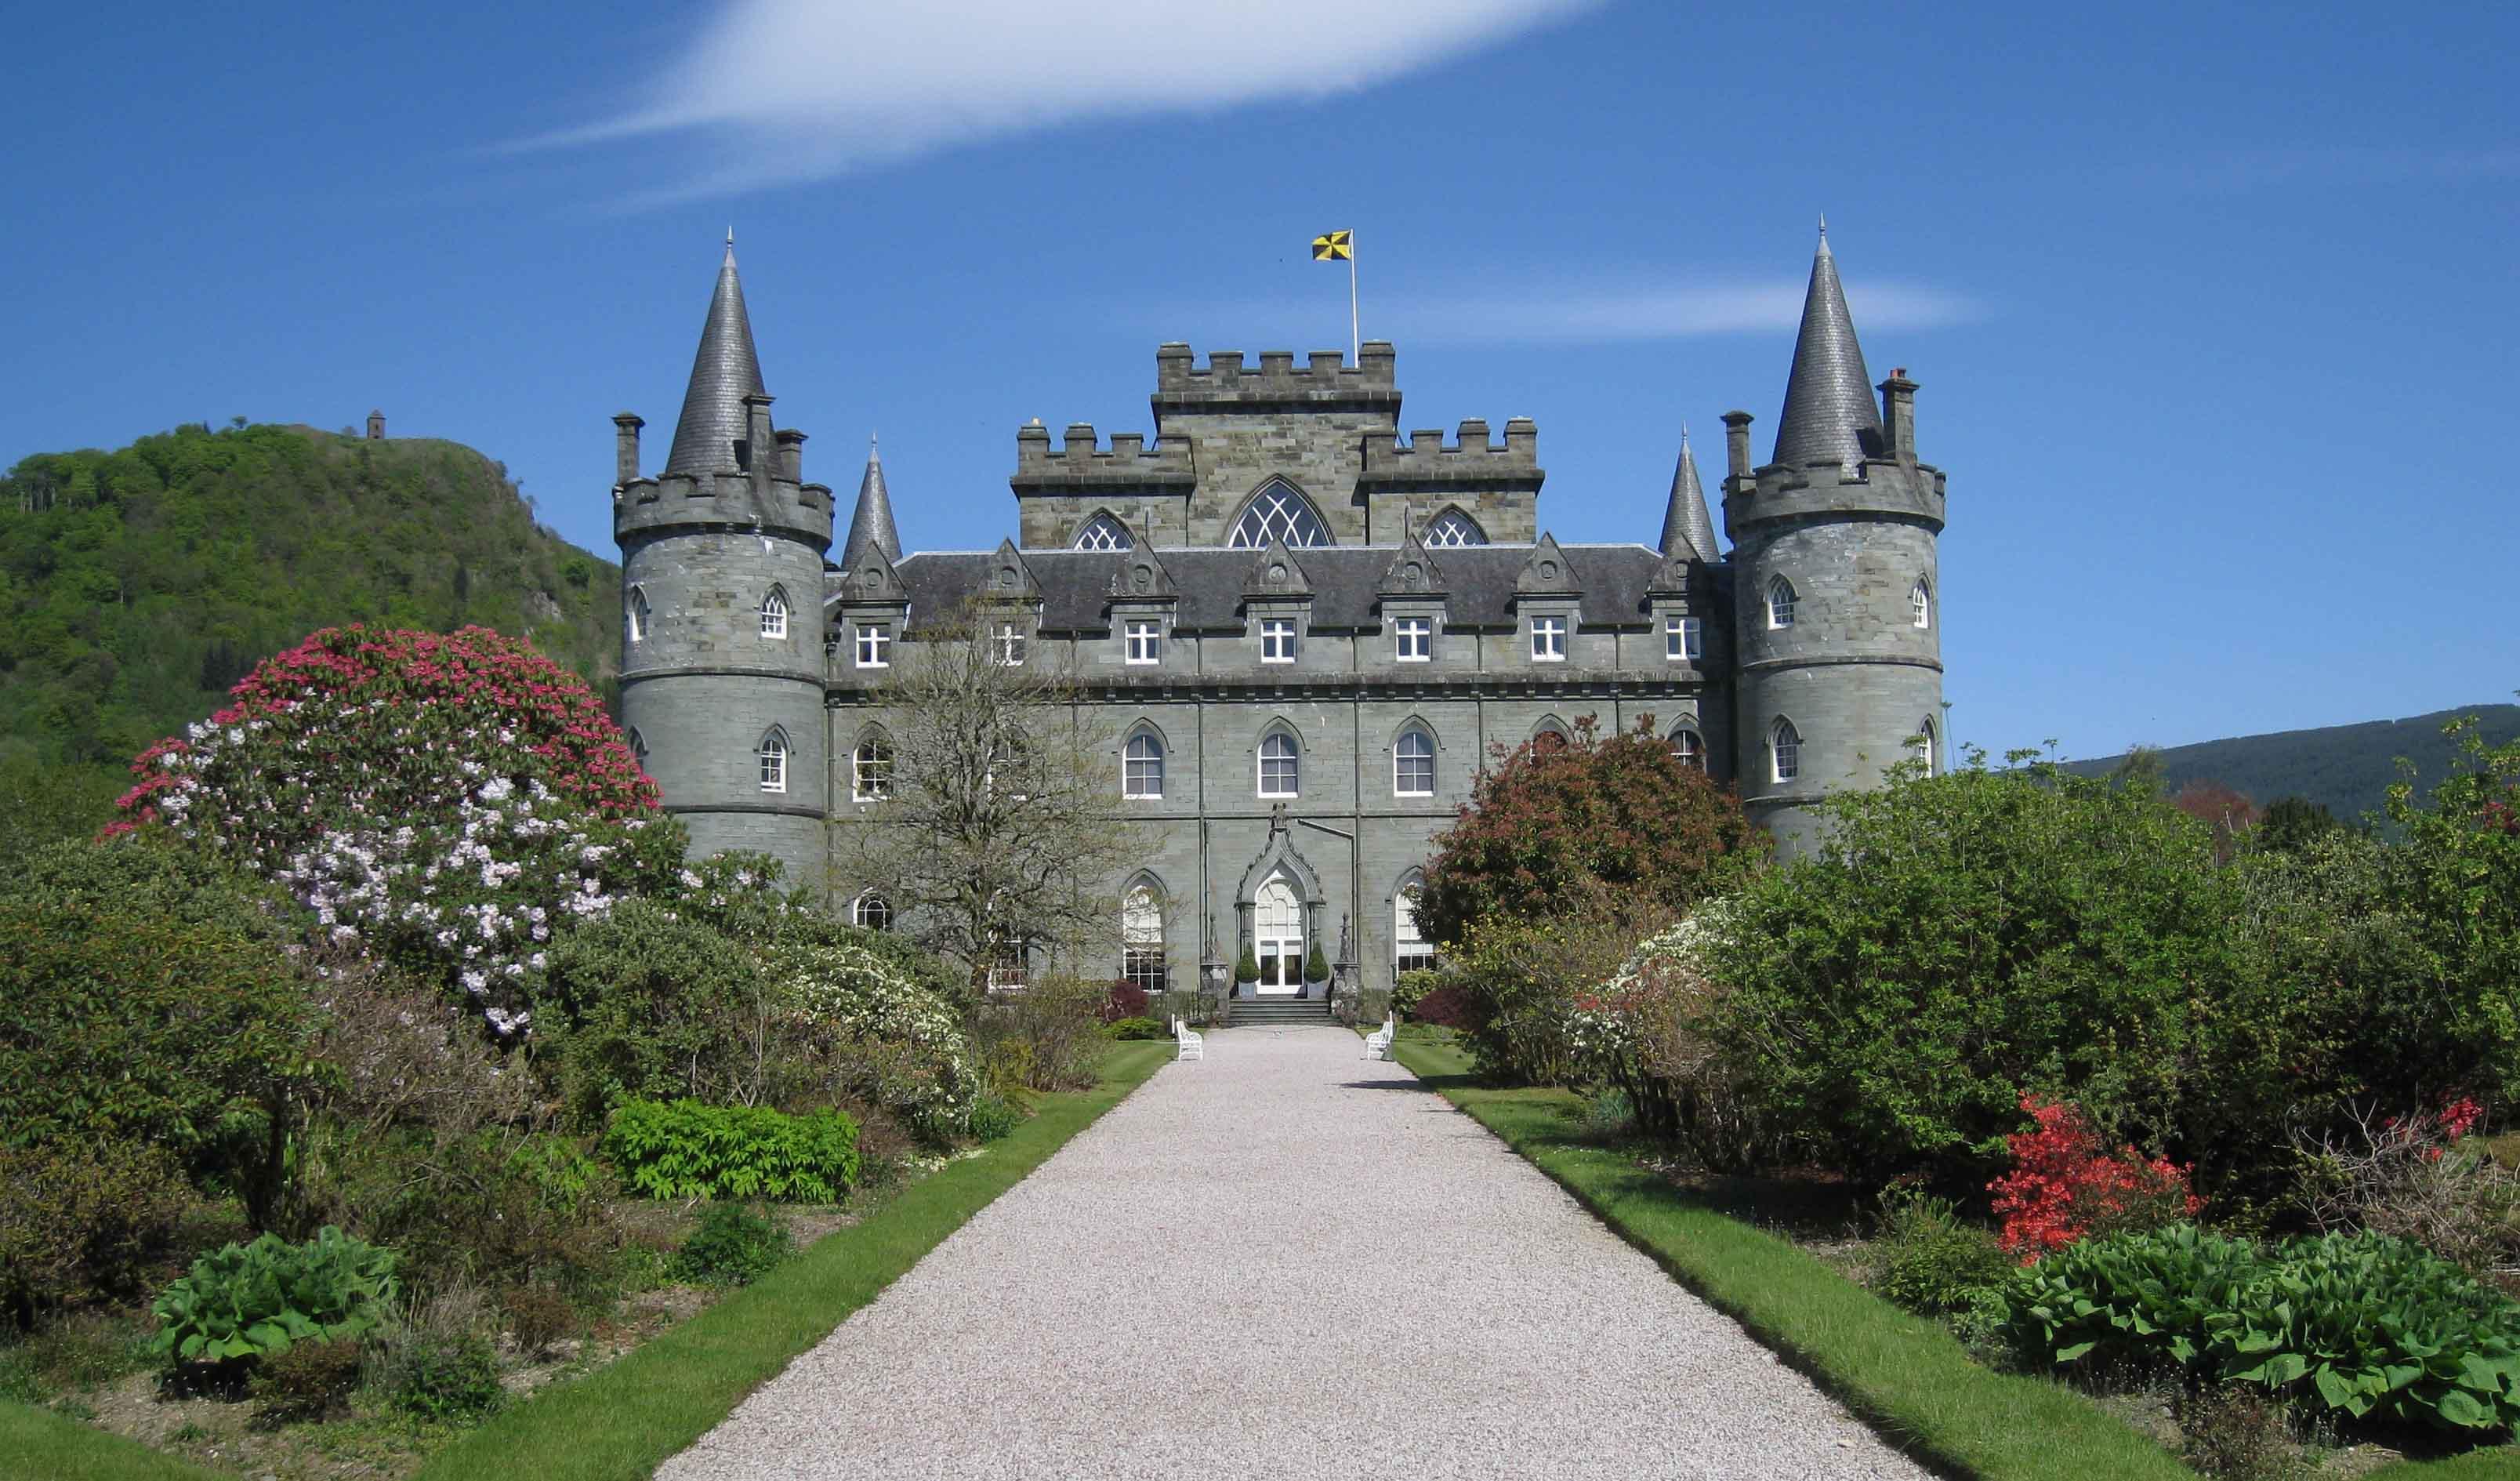 Henri Goossen Schotlandreis Schotland groepsreis kasteel